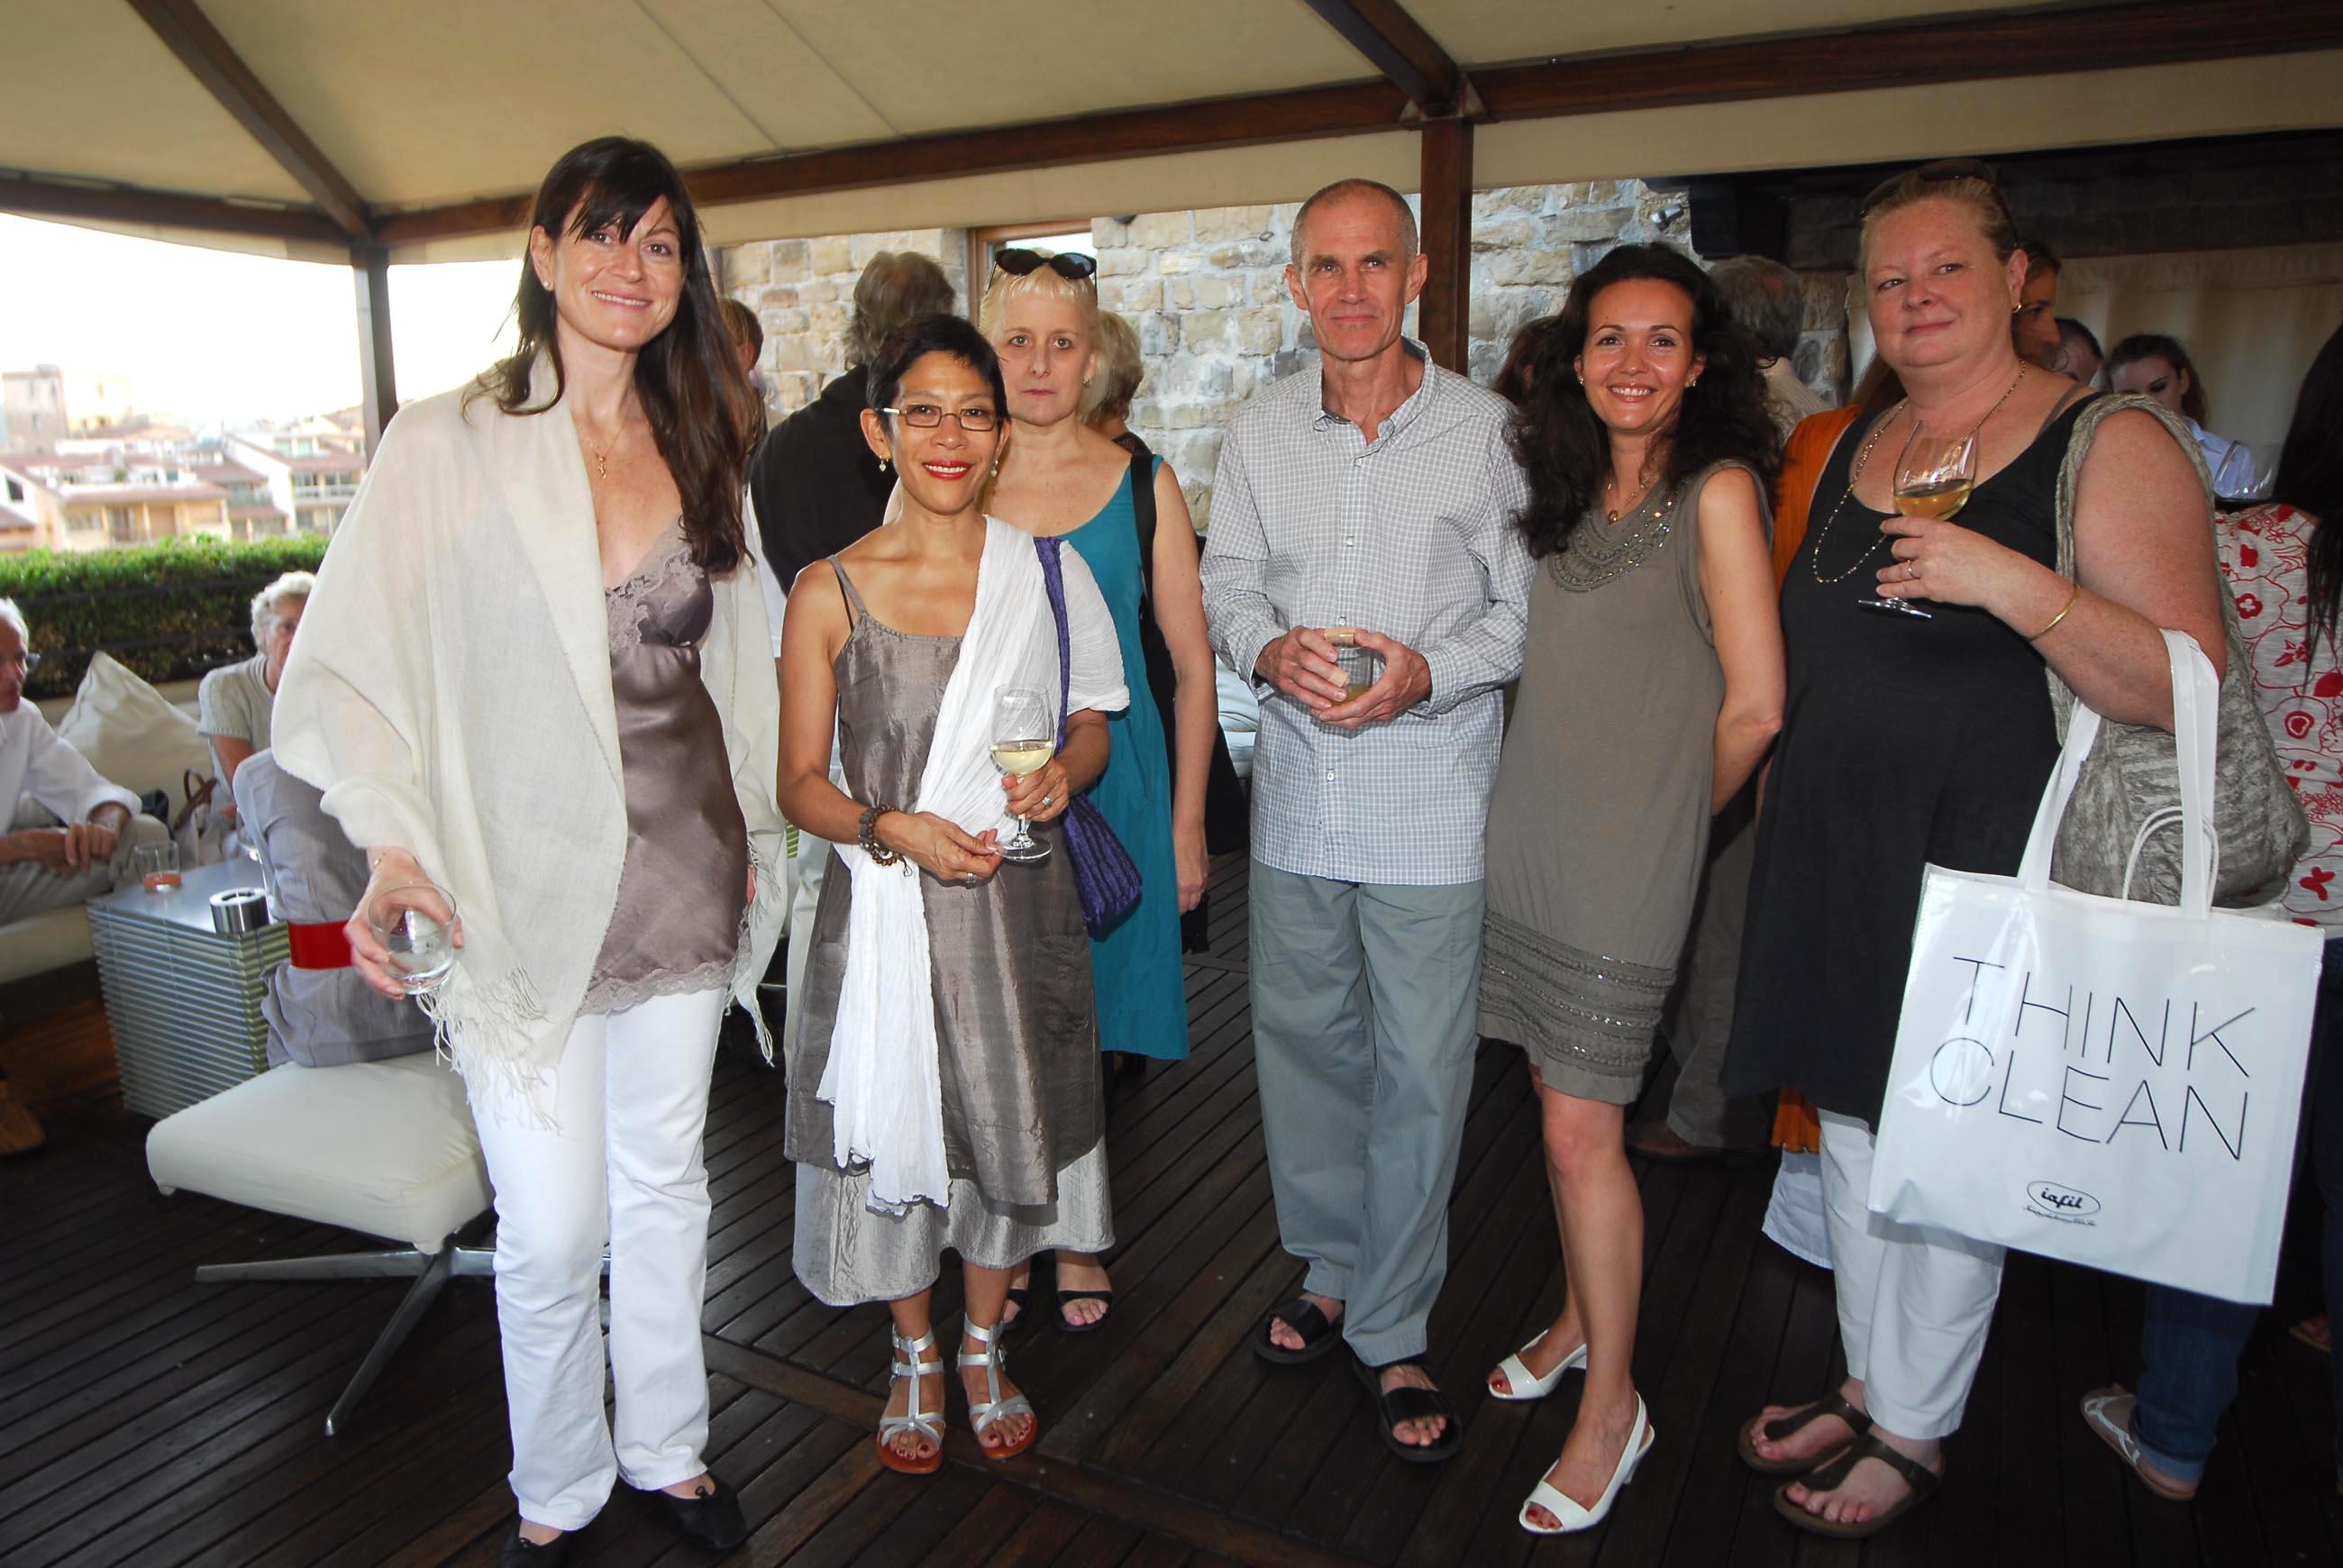 PRESSPHOTO  Firenze, Hotel Continentale. Nella foto Chiara e Ilaria Taddeucci Sassolini con Helen Oji, Charles Luce e Susan Young